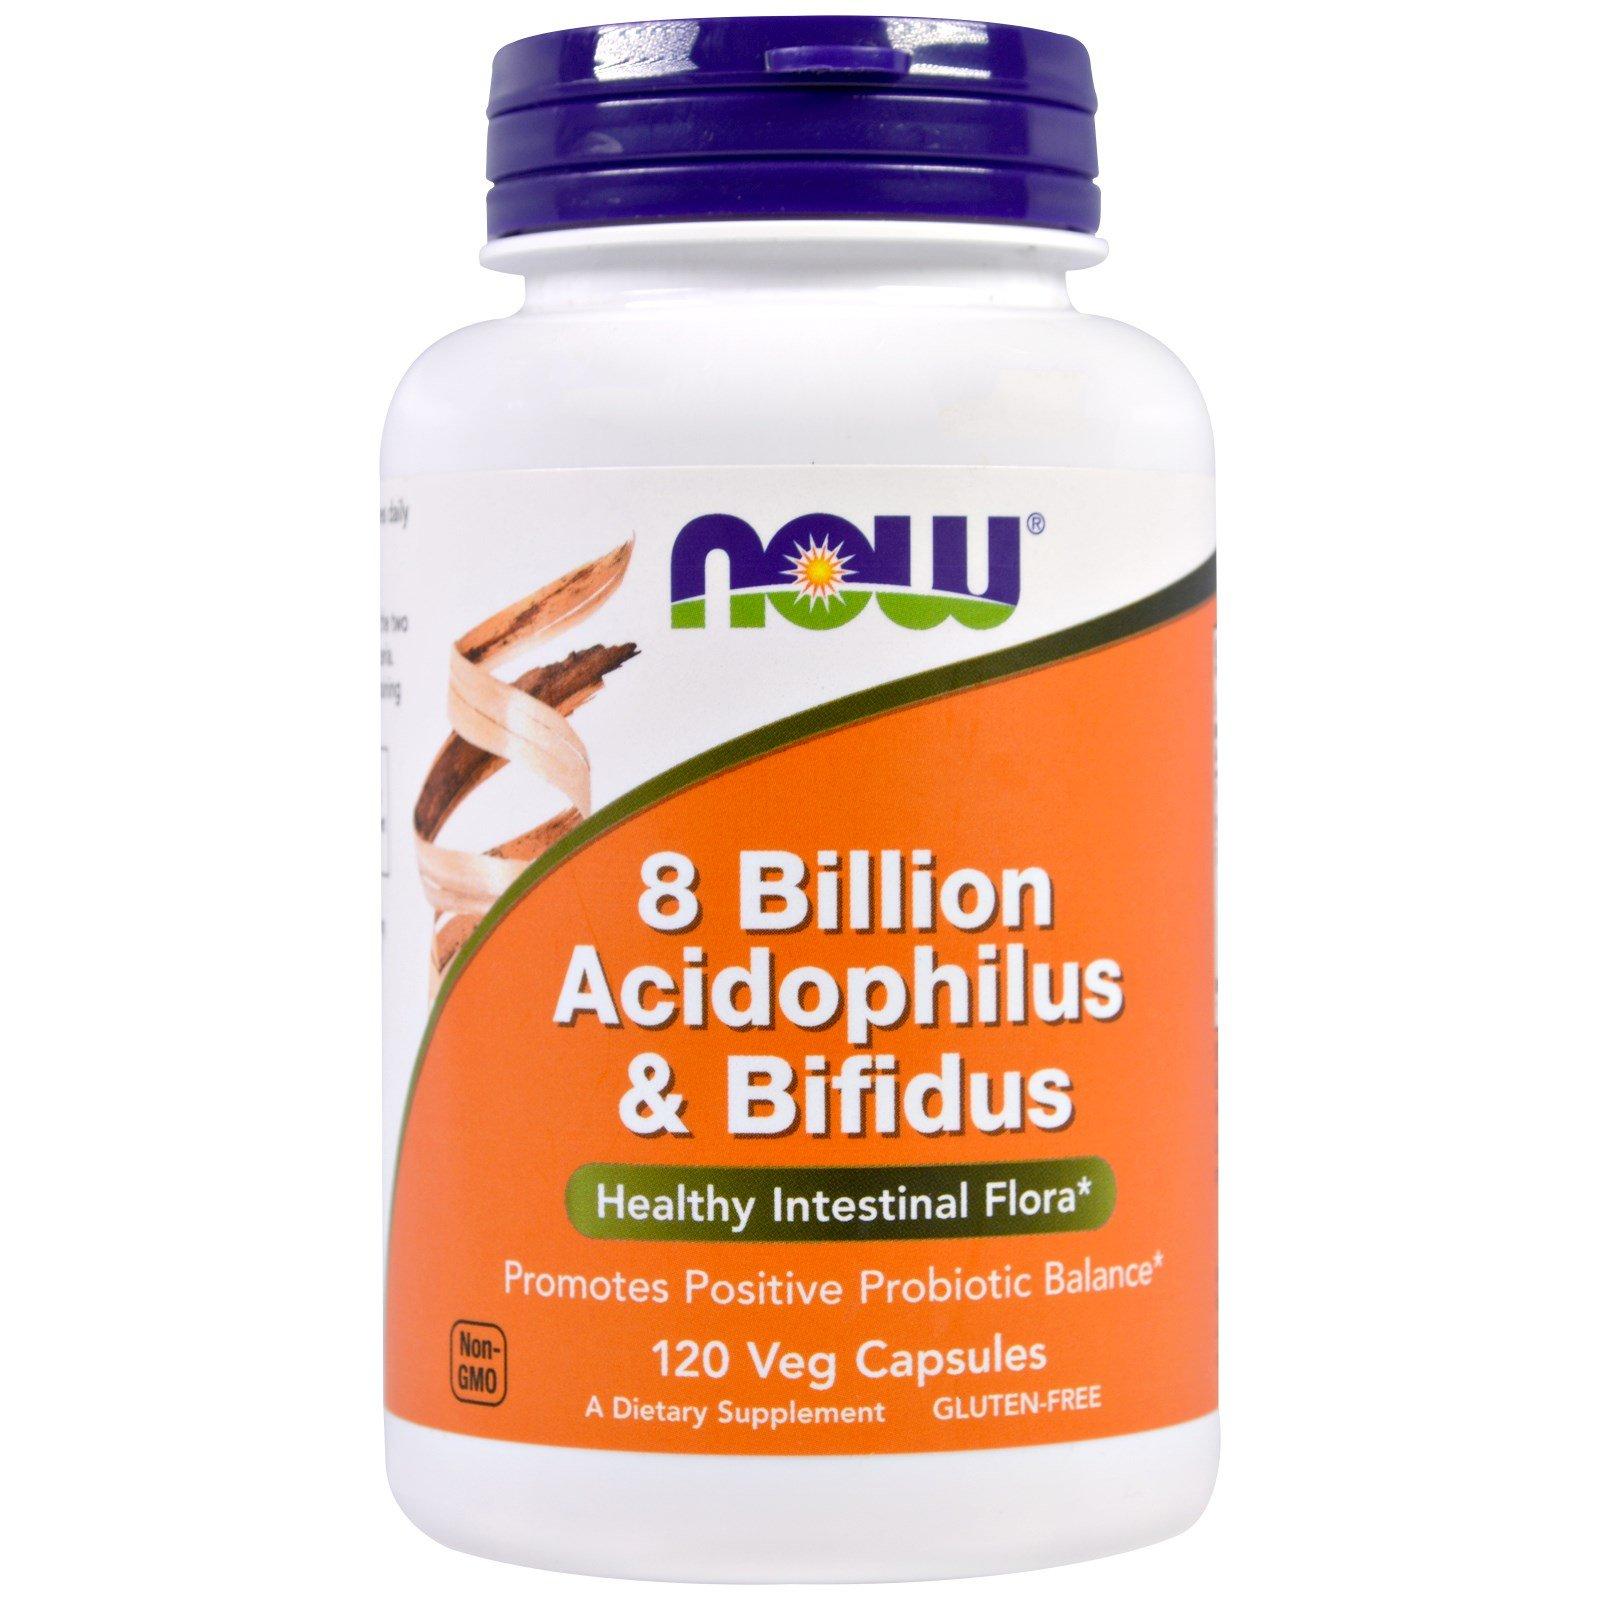 NOW Foods Acidophilus/bifidus 8 Billion, 120 Capsules (Pack of 3 (120 vcaps ea))